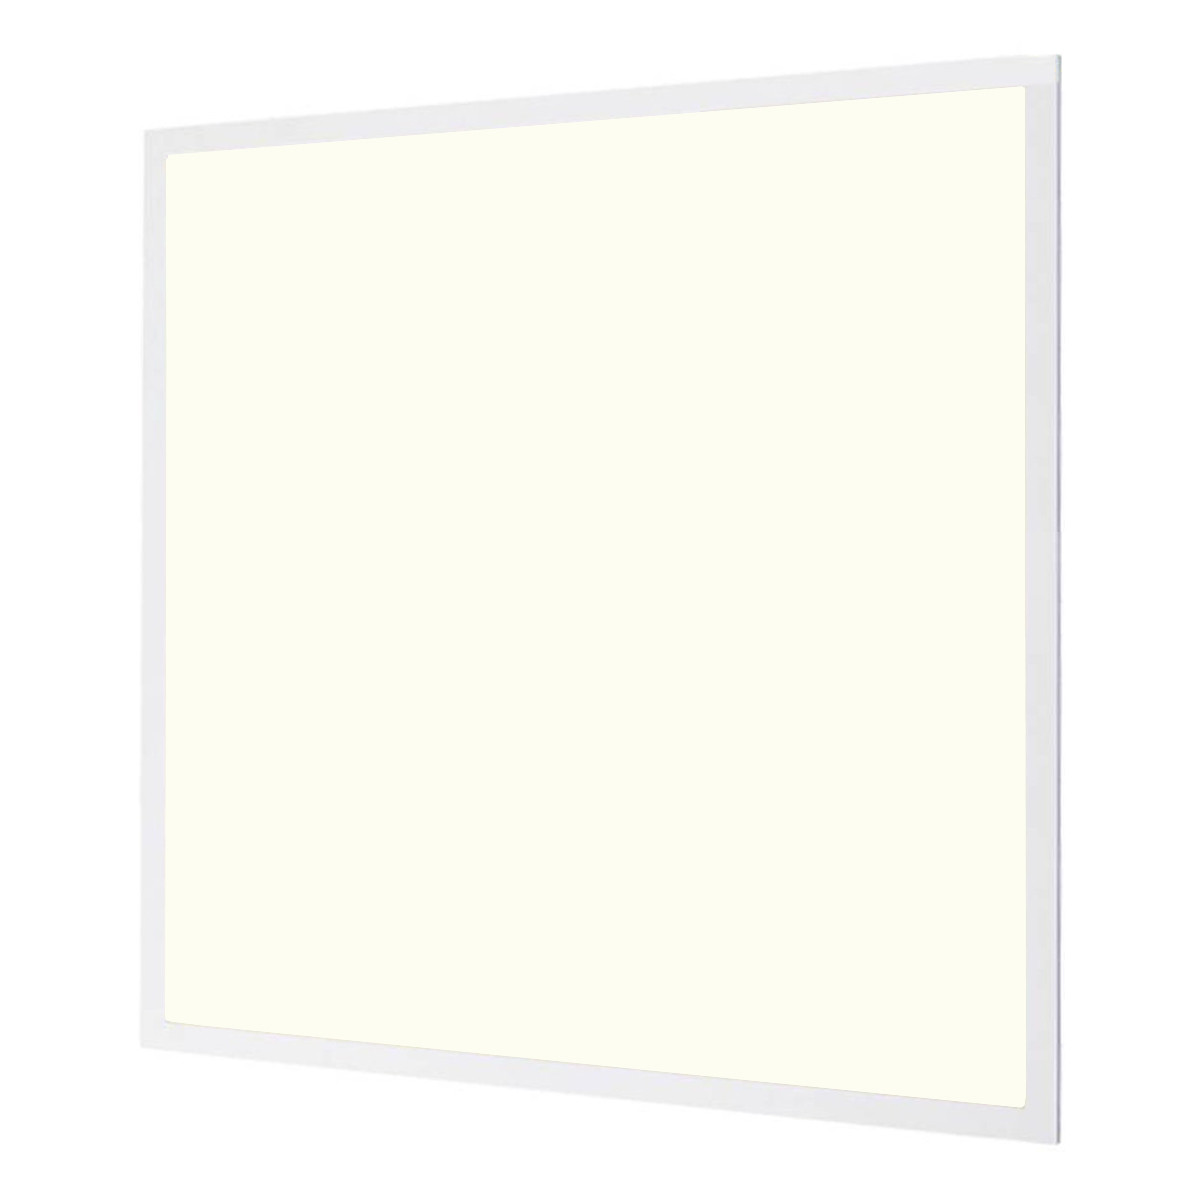 LED Paneel - Aigi - 60x60 Natuurlijk Wit 4000K - 32W High Lumen - Inbouw Vierkant - Mat Wit - Flikke